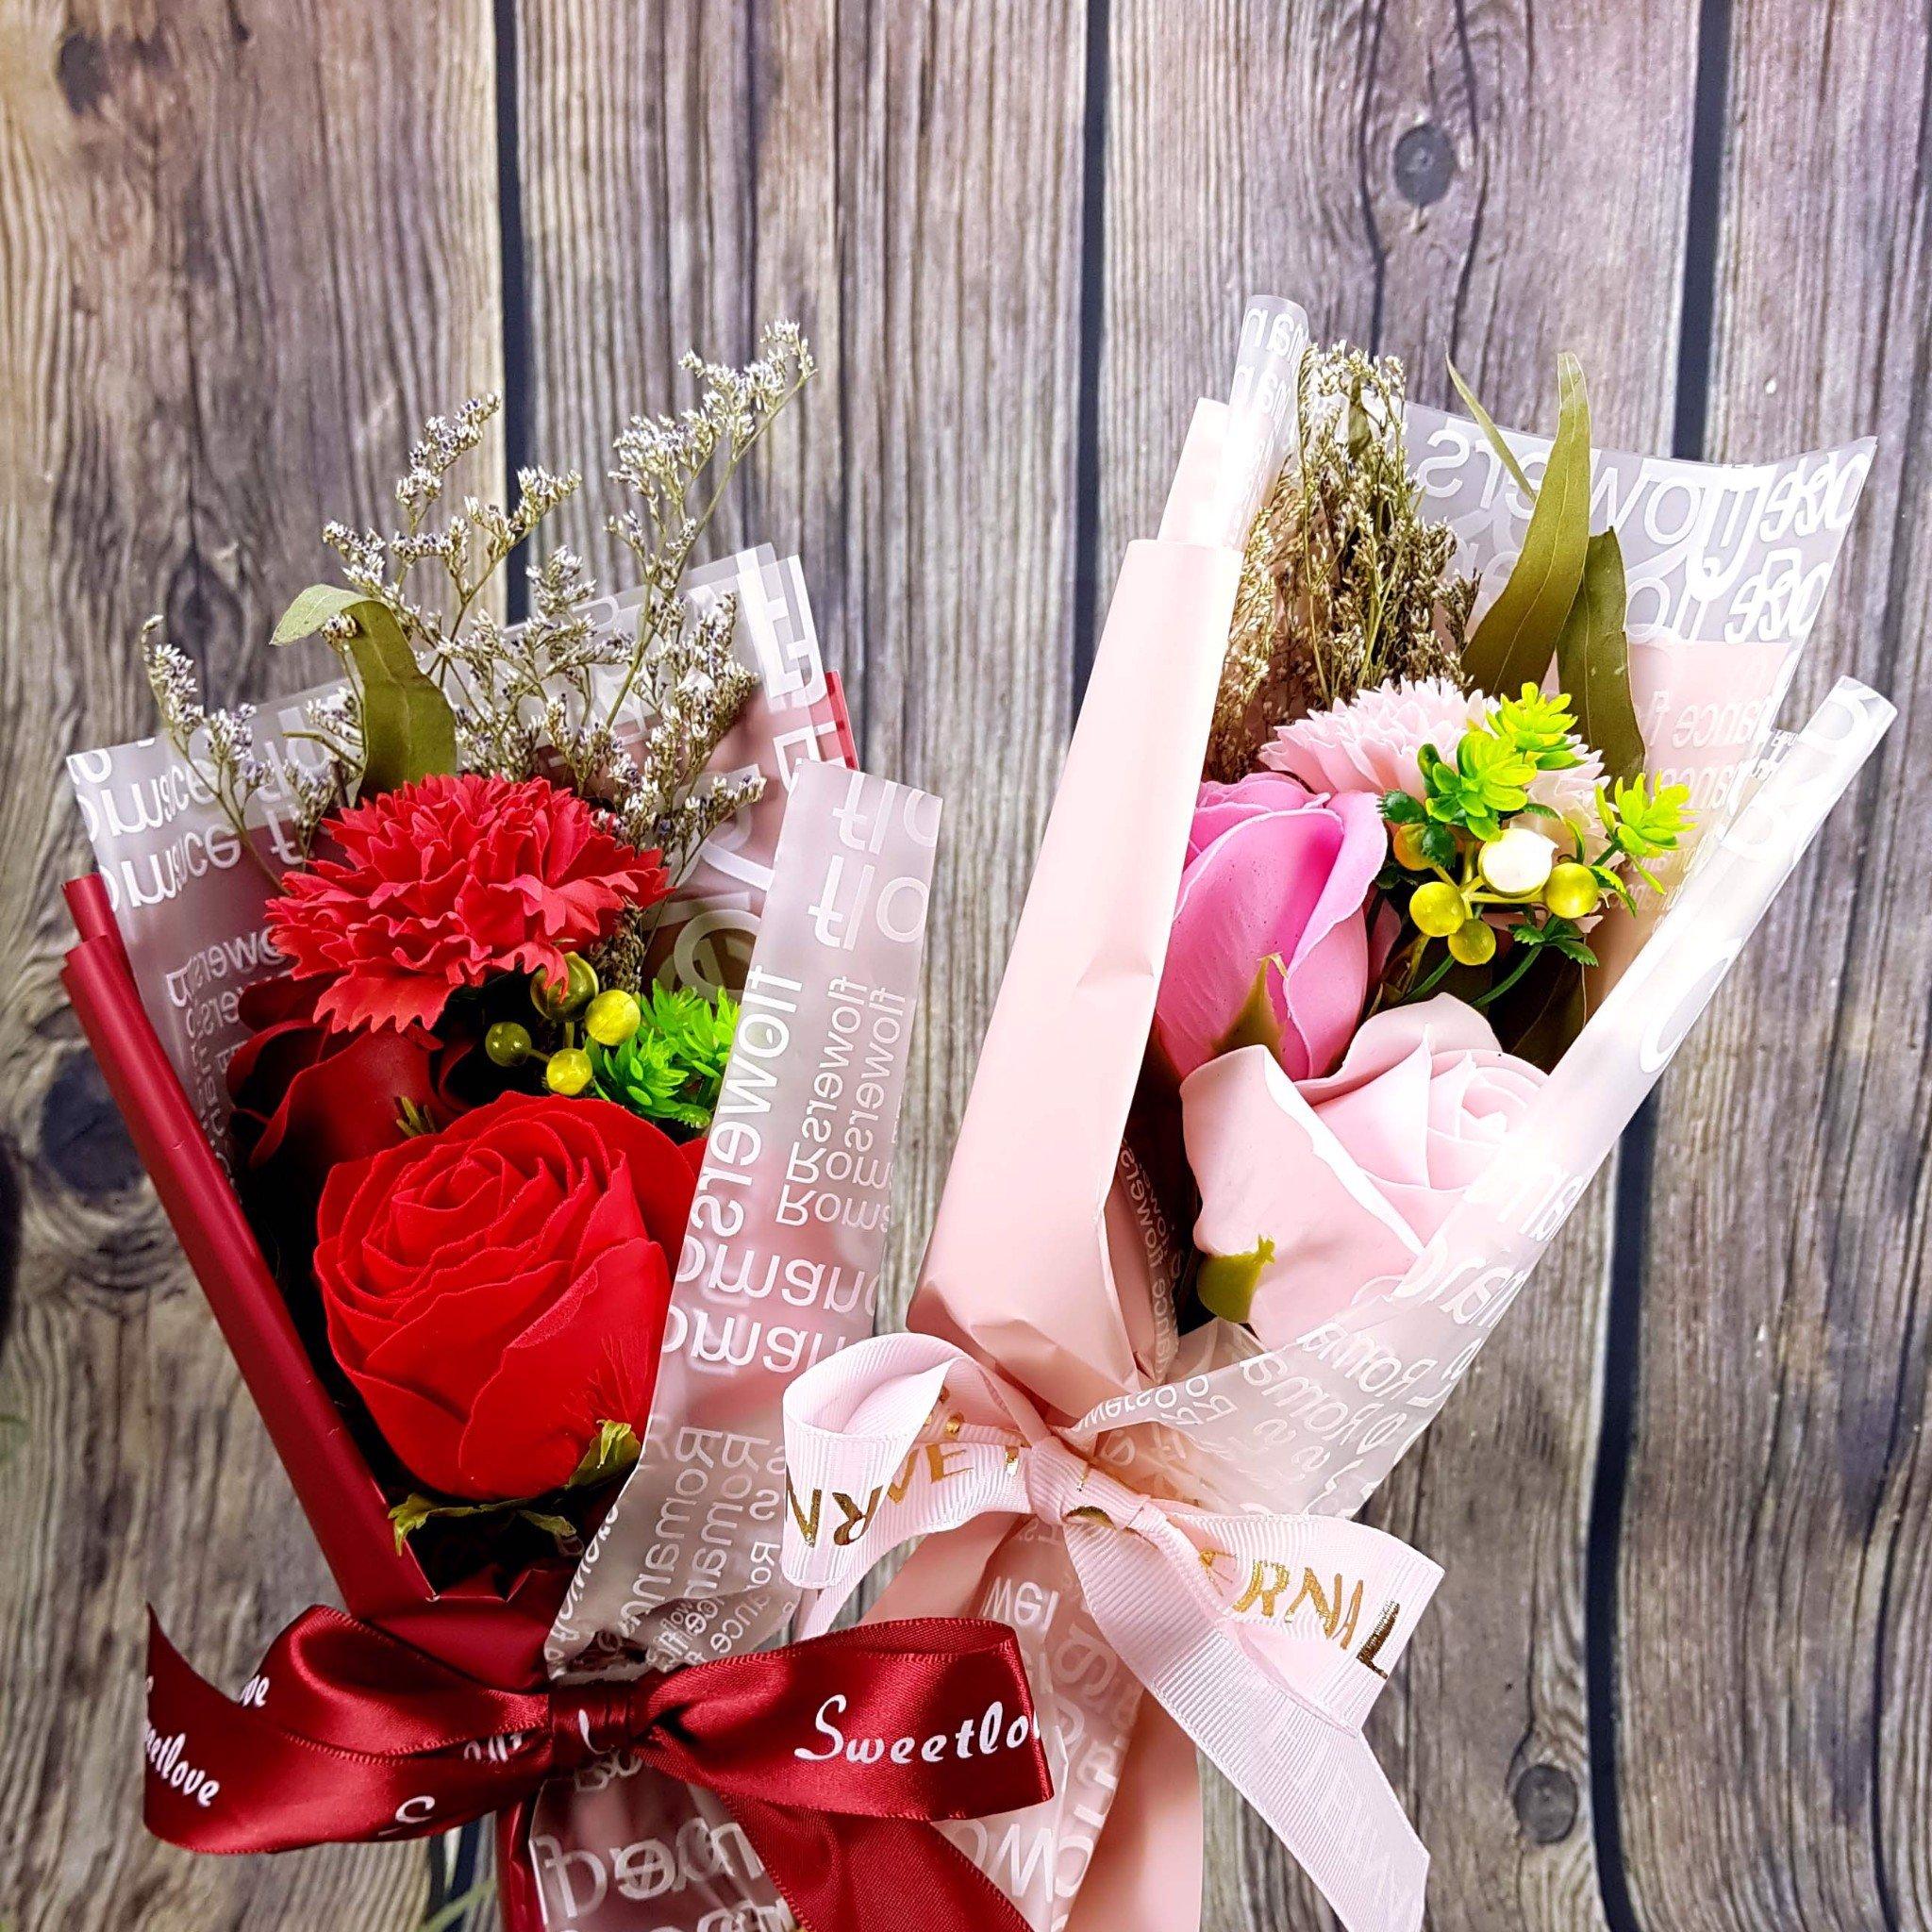 Chọn hoa sáp là quà tặng